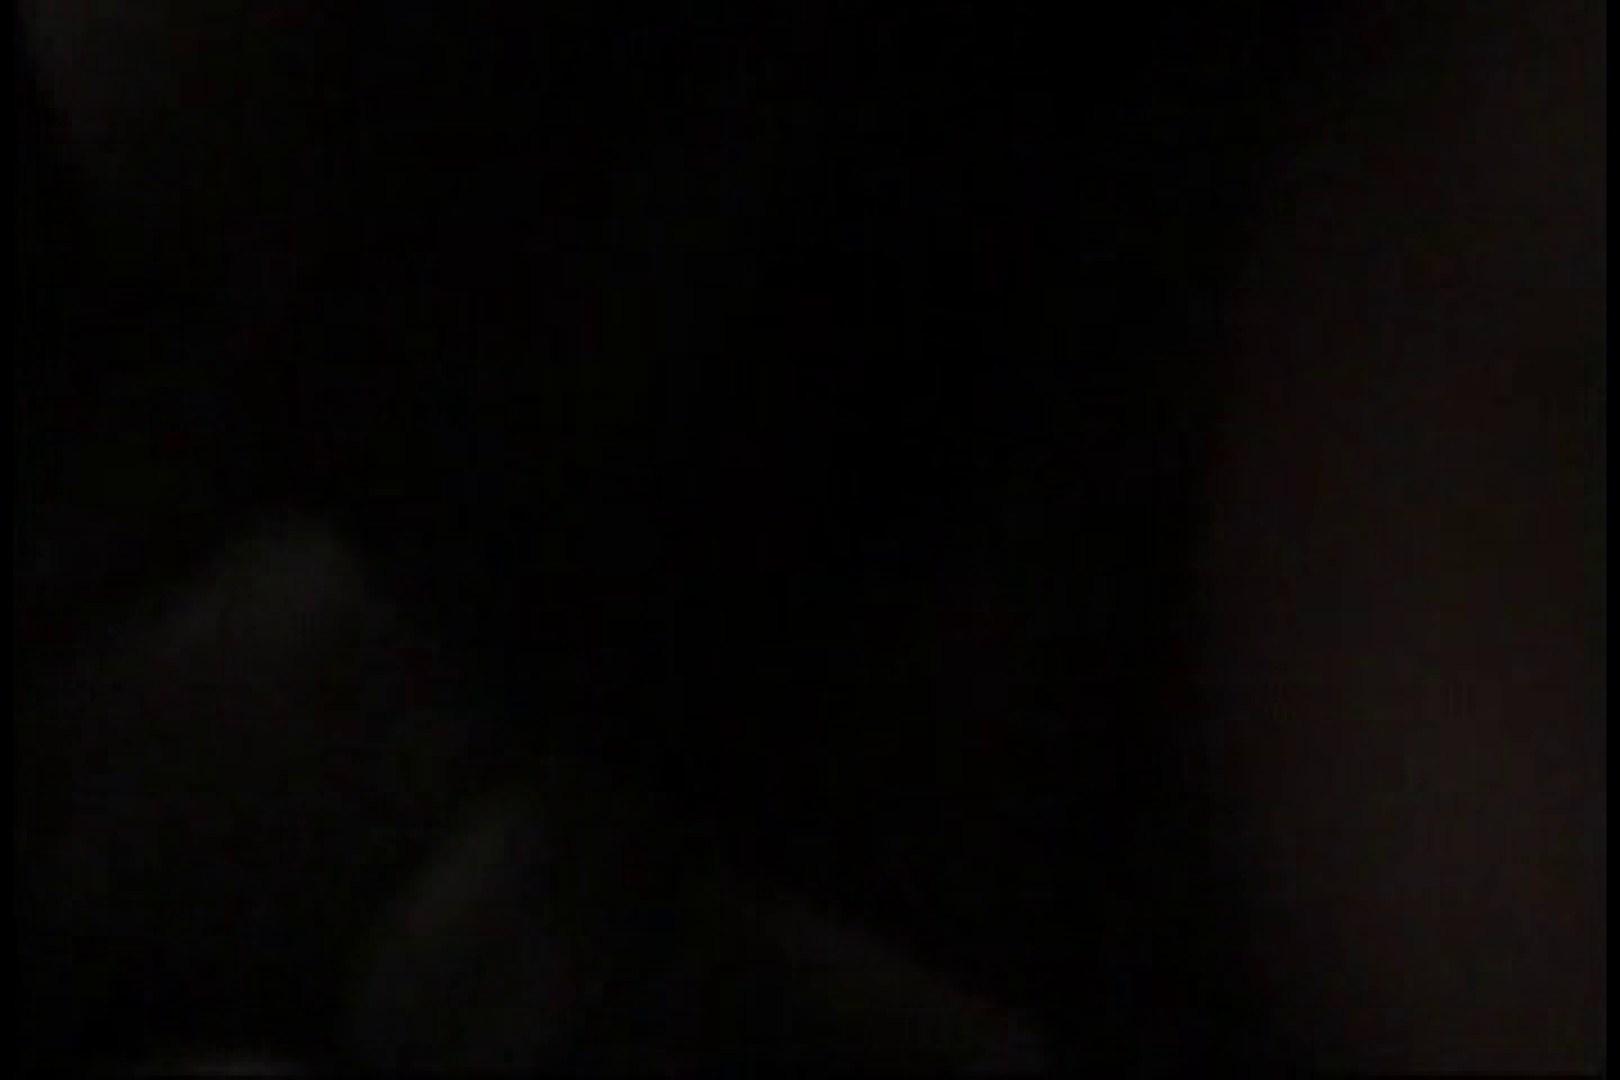 三ッ星シリーズ!!イケメン羞恥心File.05 ハメ撮り放出 | お掃除フェラ ゲイエロビデオ画像 105pic 91